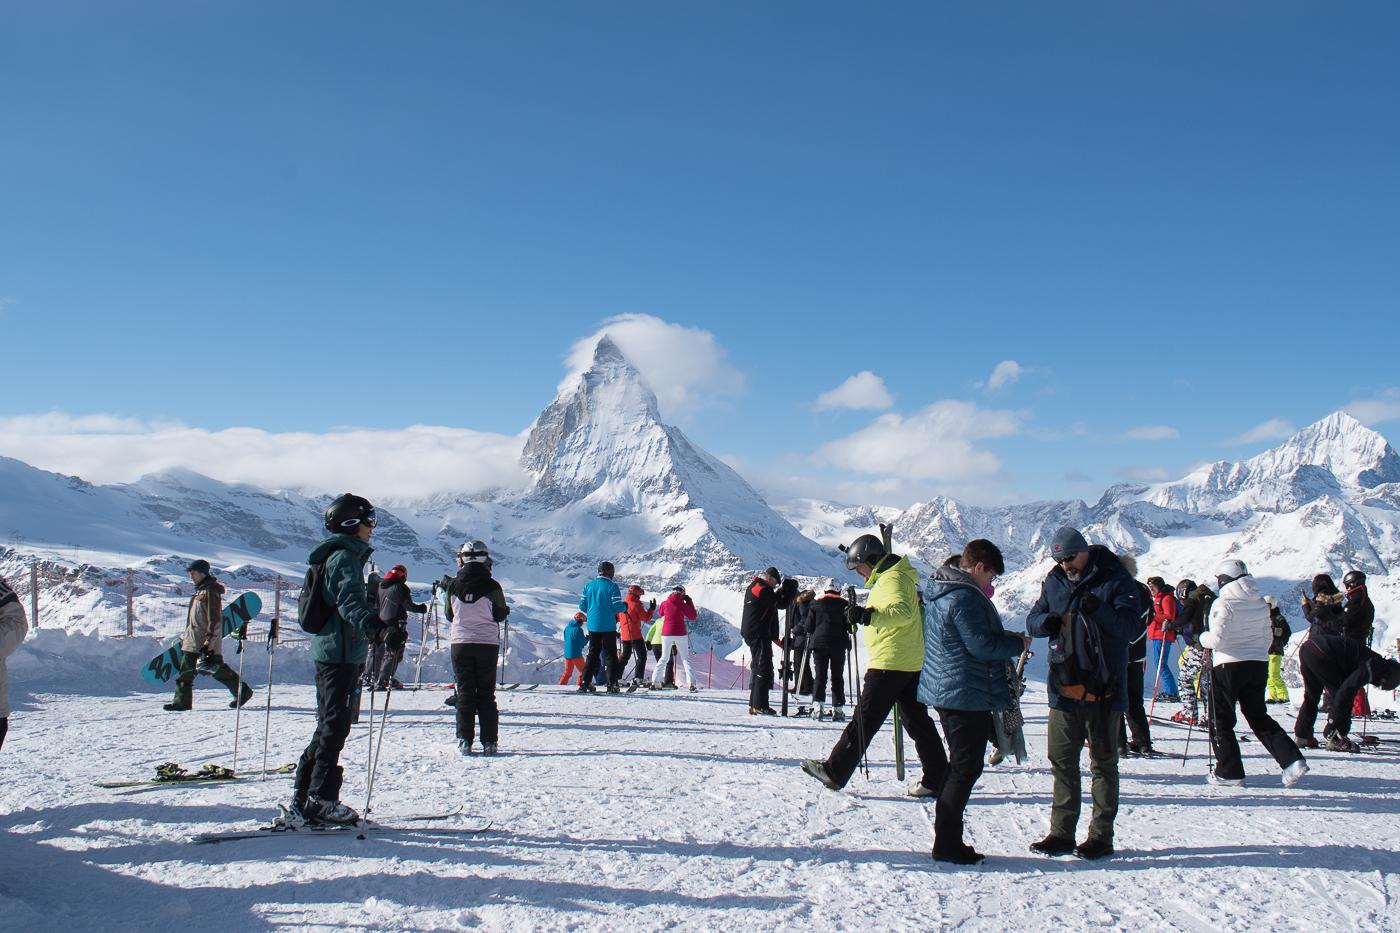 Ski e snowboard em Zermatt